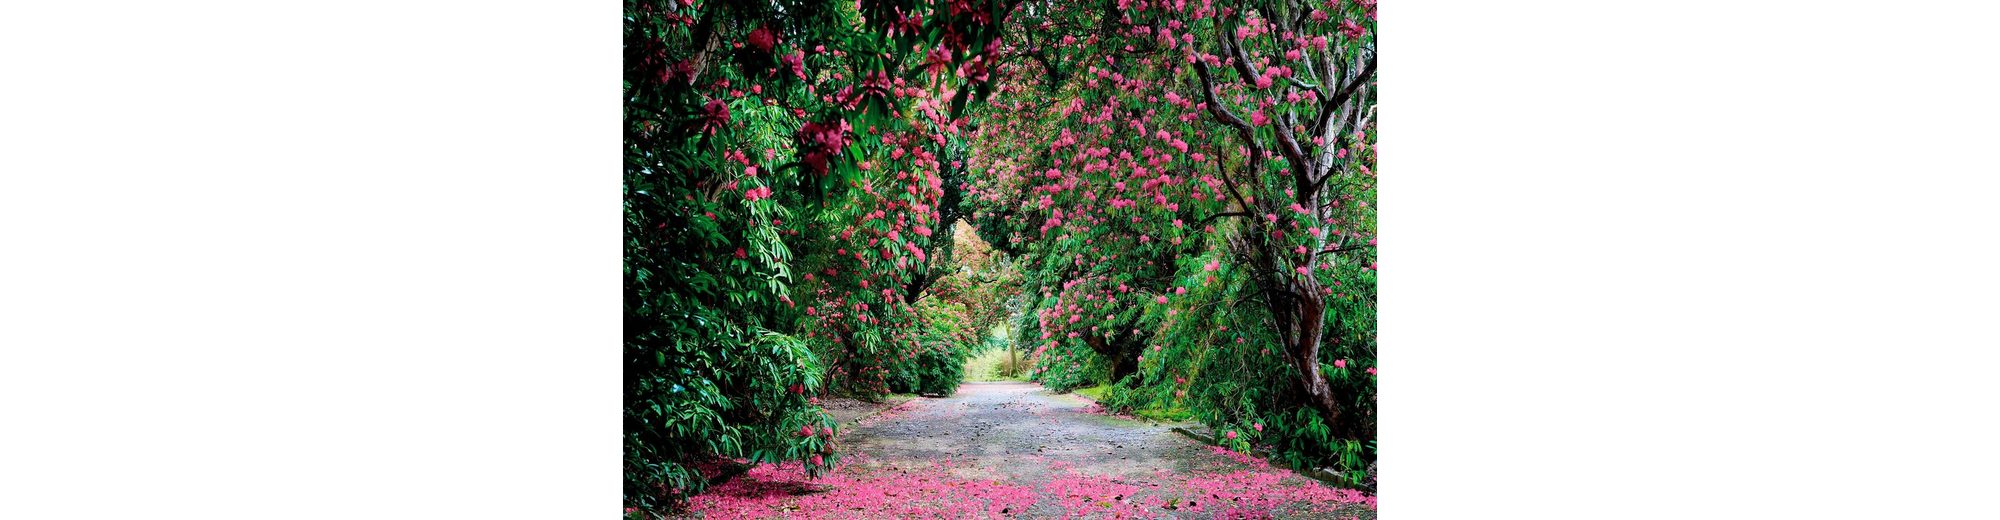 Komar Fototapete »Wicklow Park«, 368/254 cm